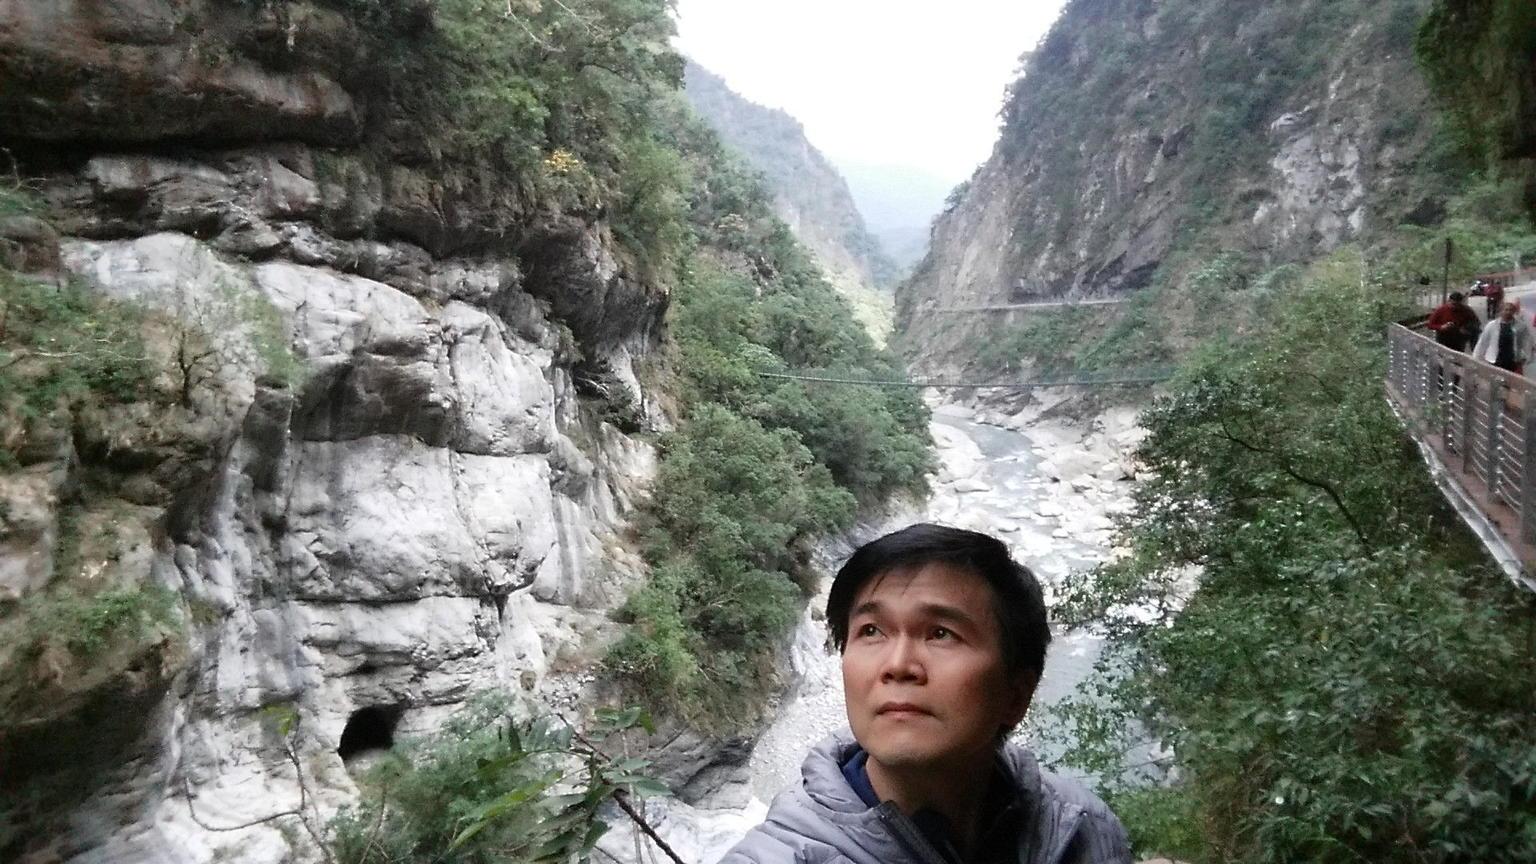 MÁS FOTOS, Excursión de un día completo al Cañón de Taroko desde Taipei